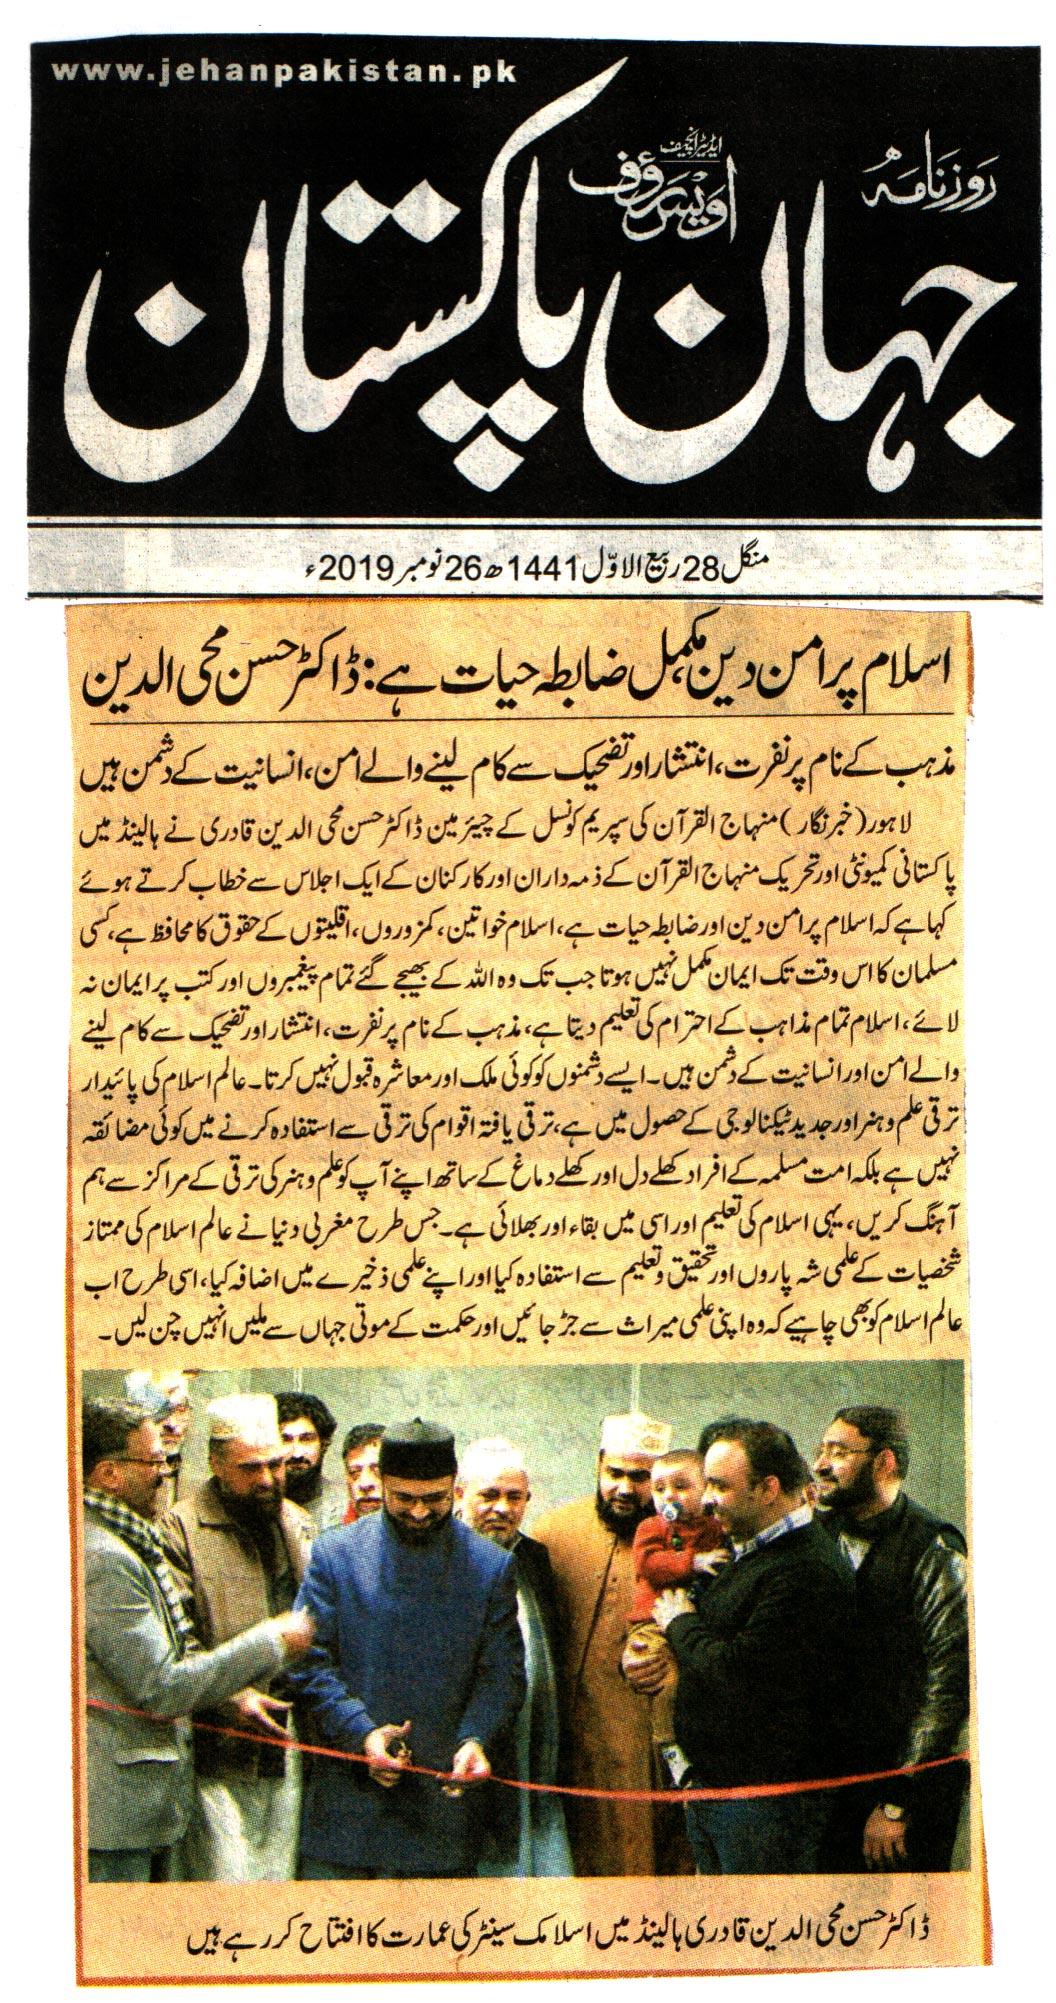 تحریک منہاج القرآن Pakistan Awami Tehreek  Print Media Coverage پرنٹ میڈیا کوریج DAILY jehan Pakistan